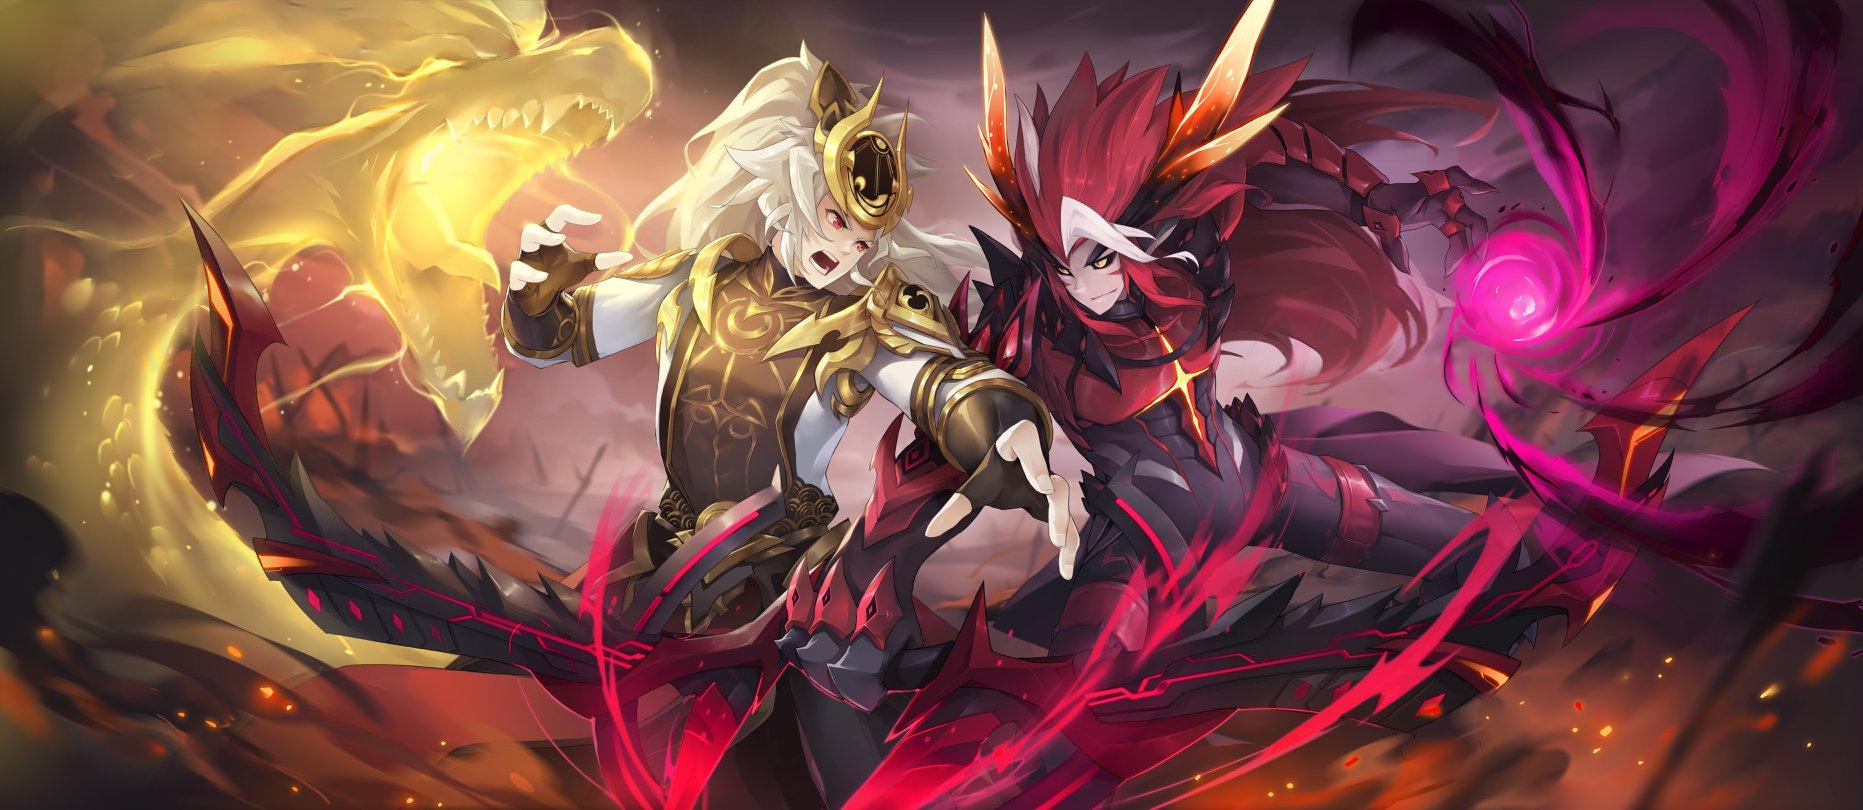 Monster Quest Seven Sins 3092020 1